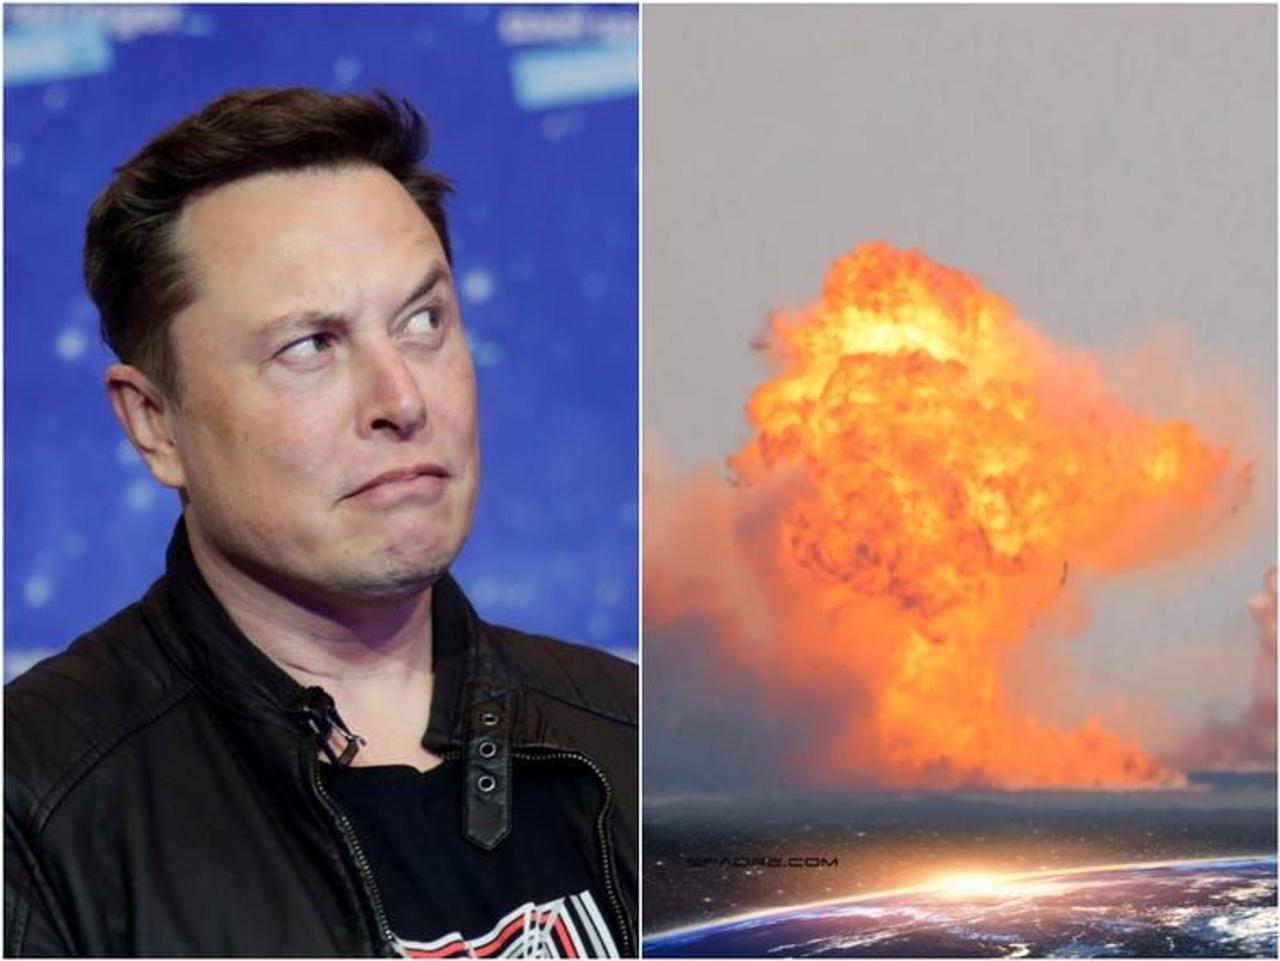 «Теперь мы знаем, почему прототип Starship SN11 загорелся во время очередных испытаний», - заявил Илон Маск